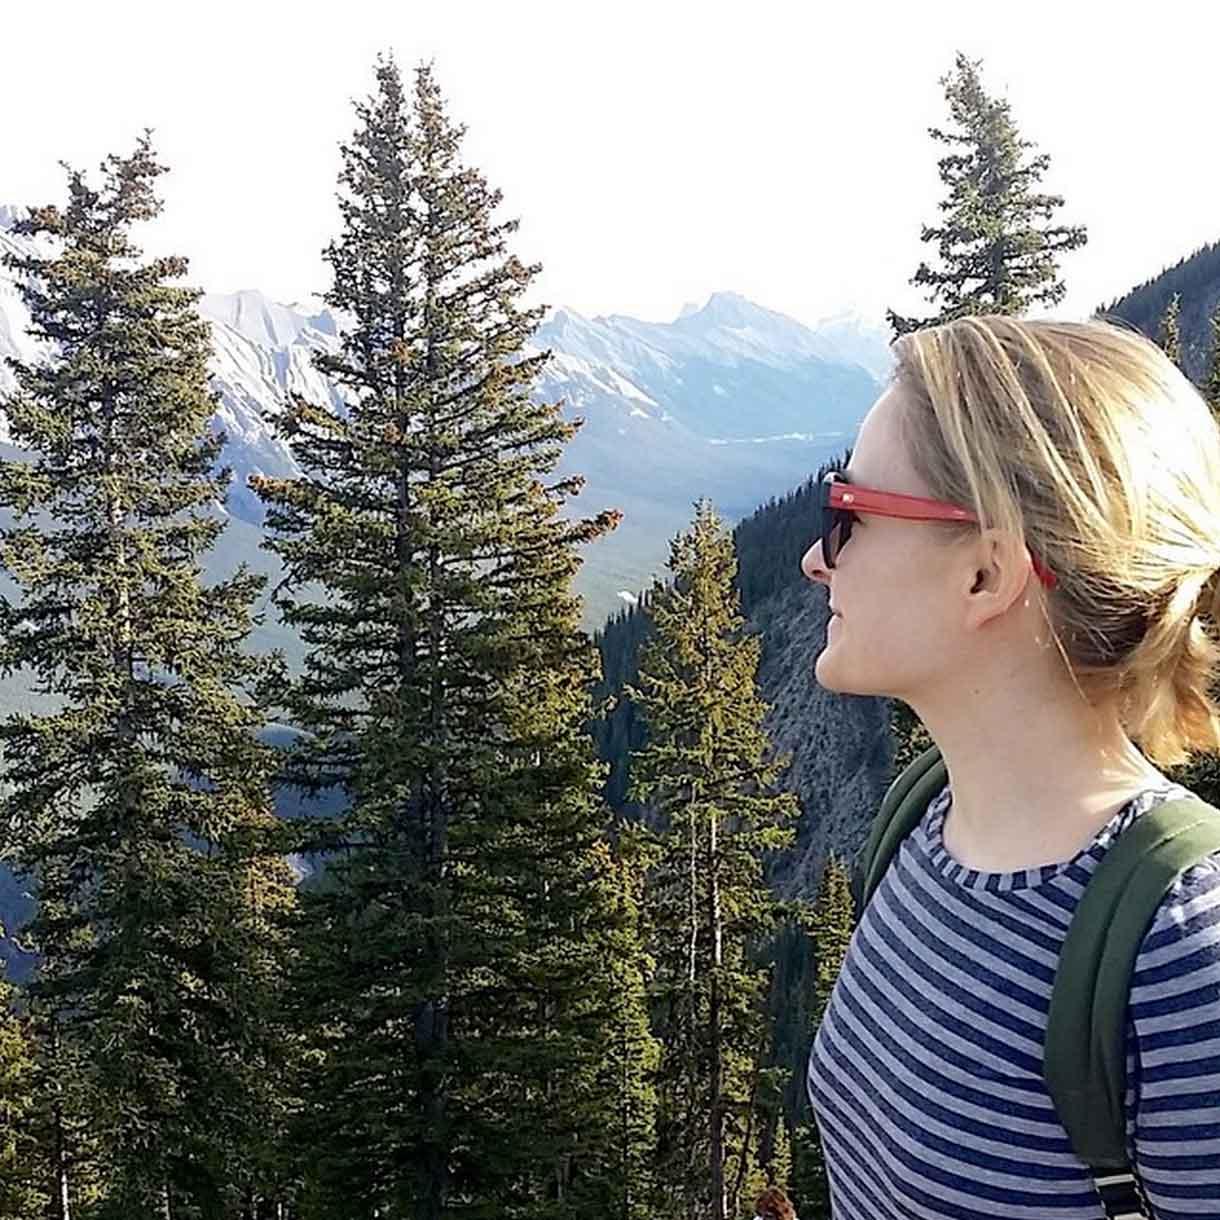 Web_katekendall-9-hikingincanadaforofflinetime